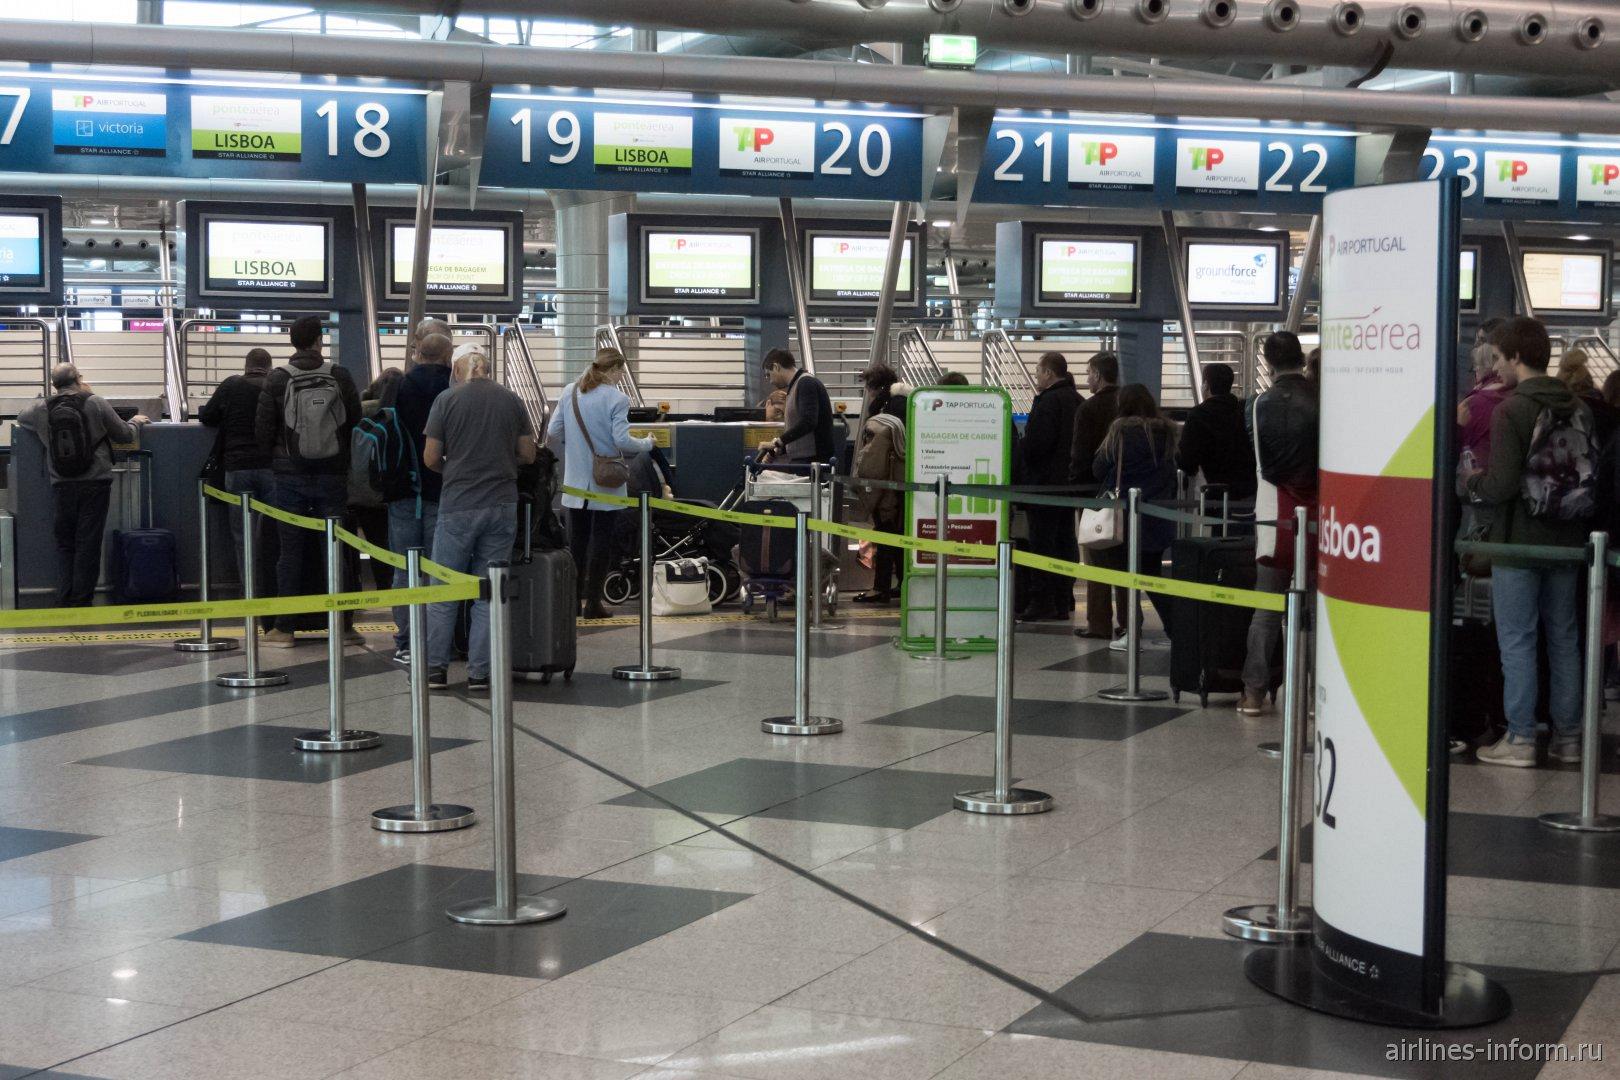 Стойки регистрации рейсов авиакомпании TAP в аэропорту Порту